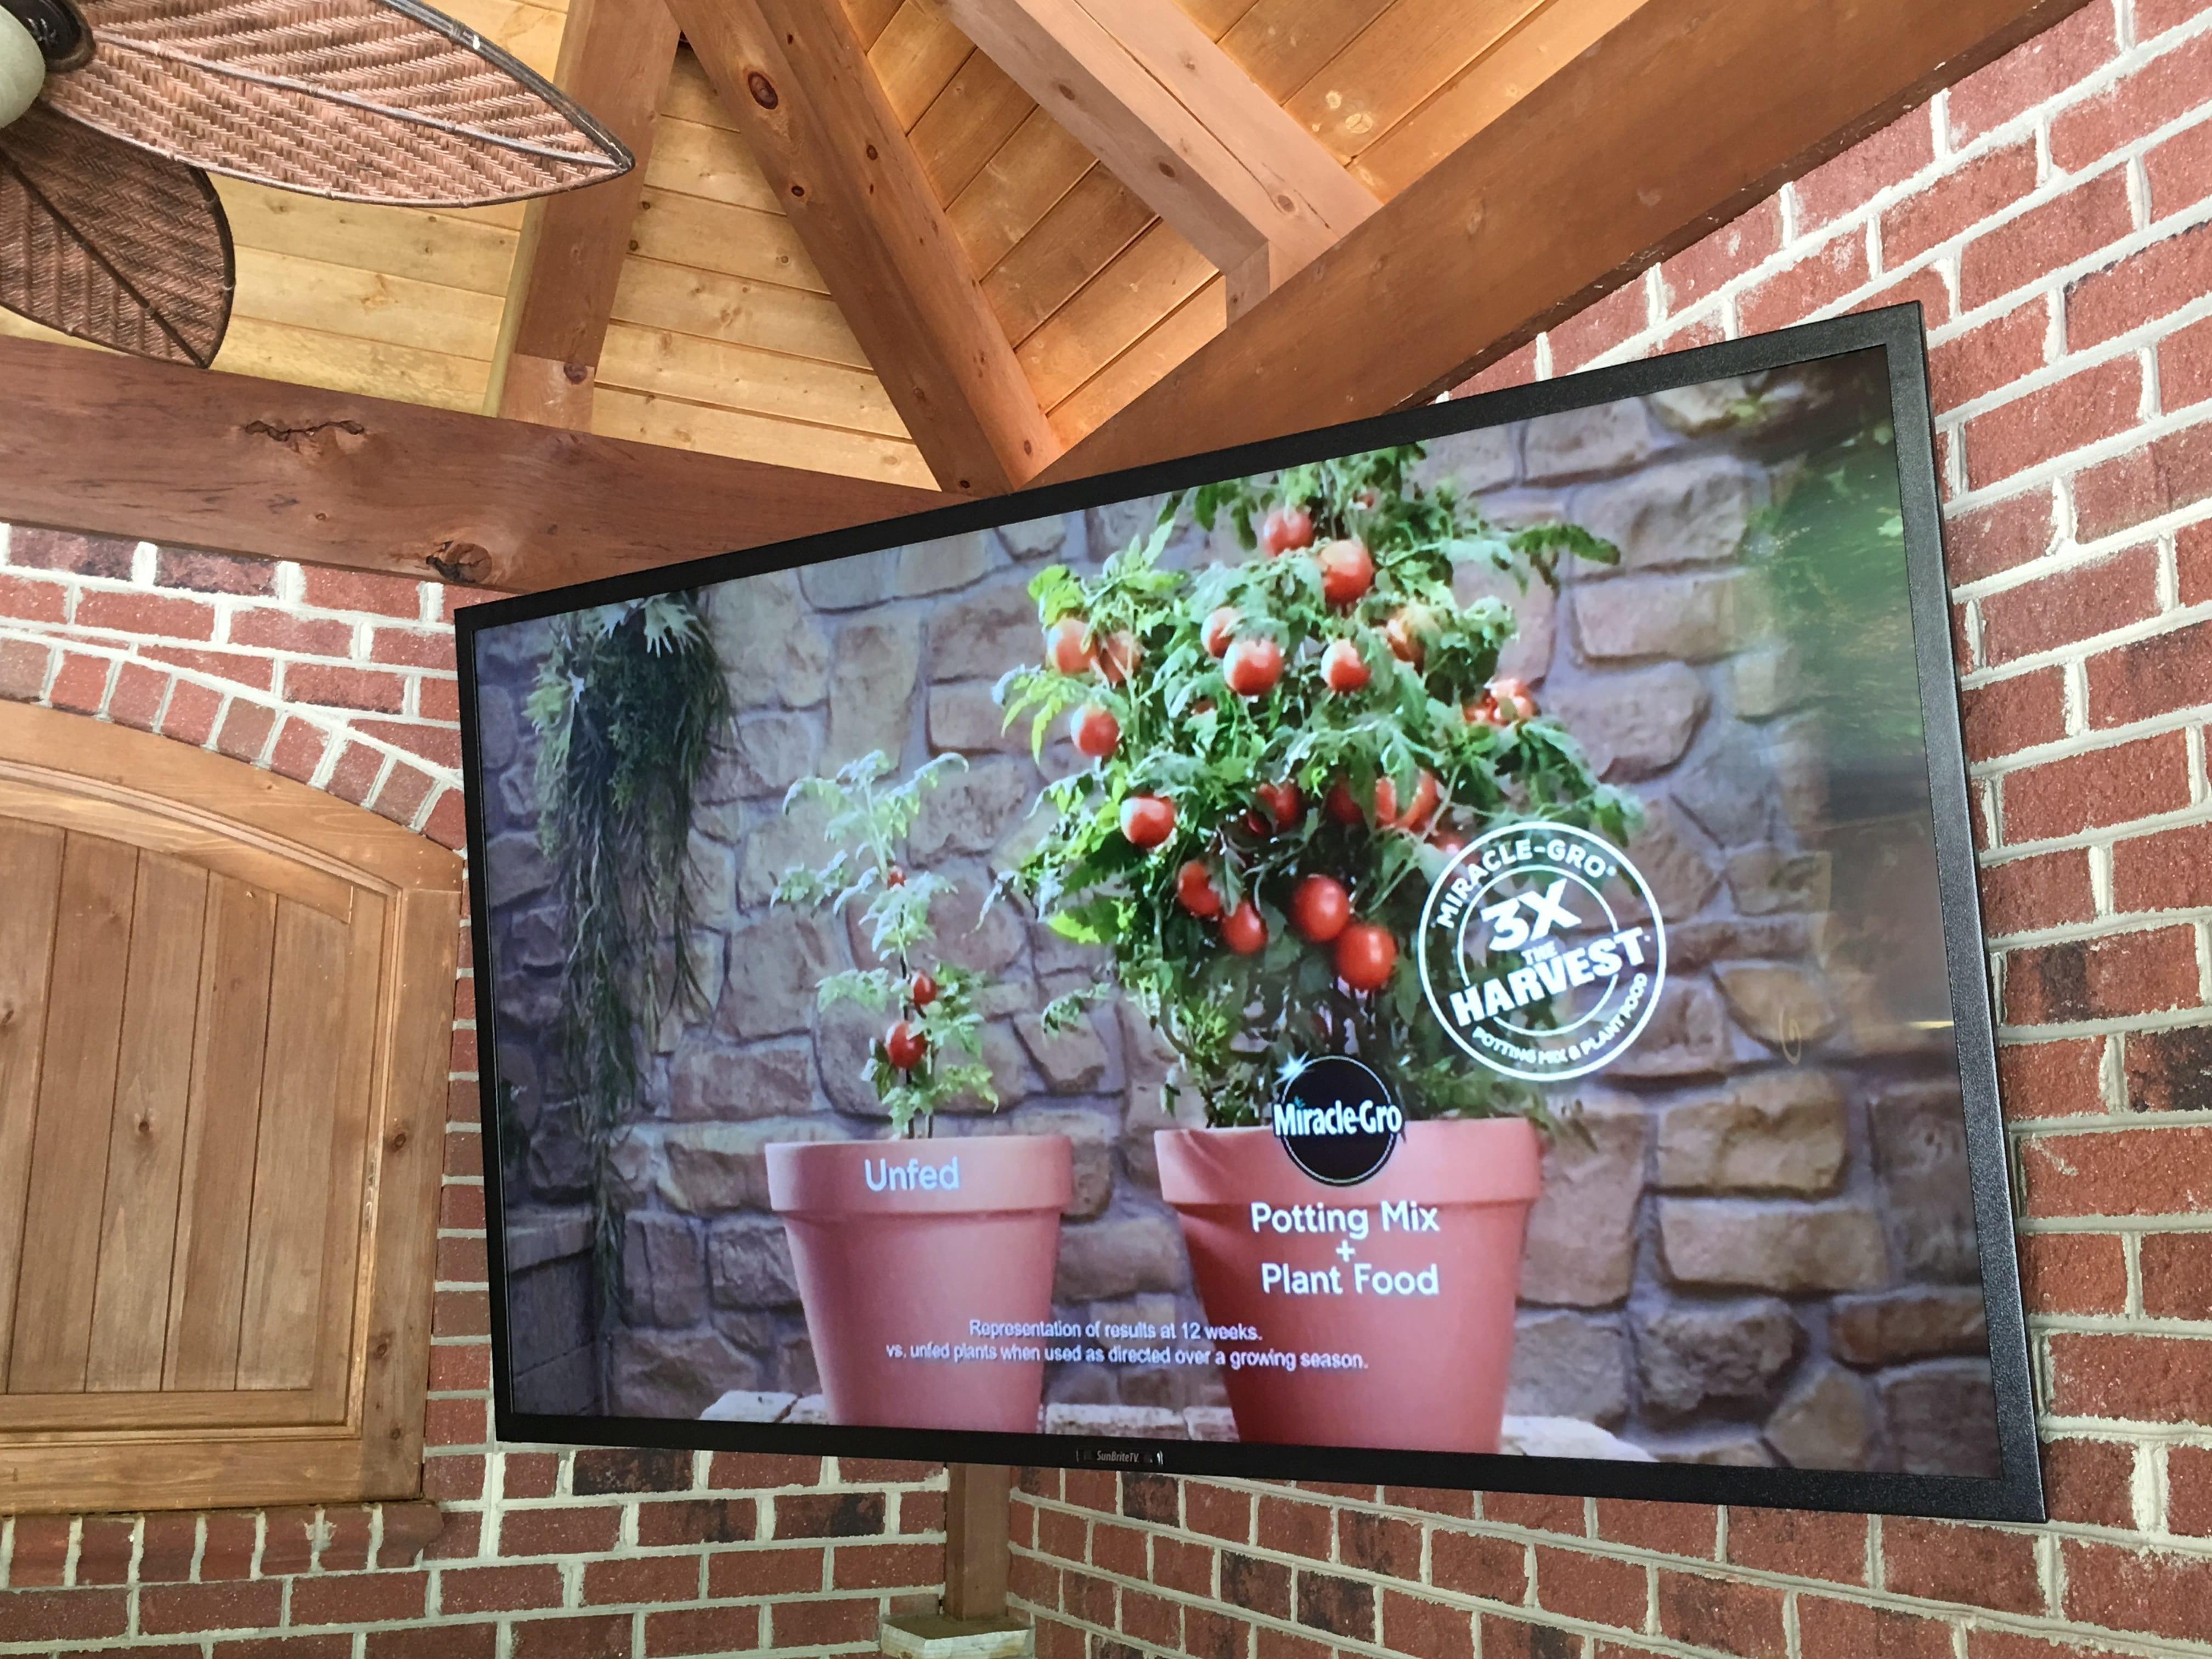 Sunbrite Outdoor TV